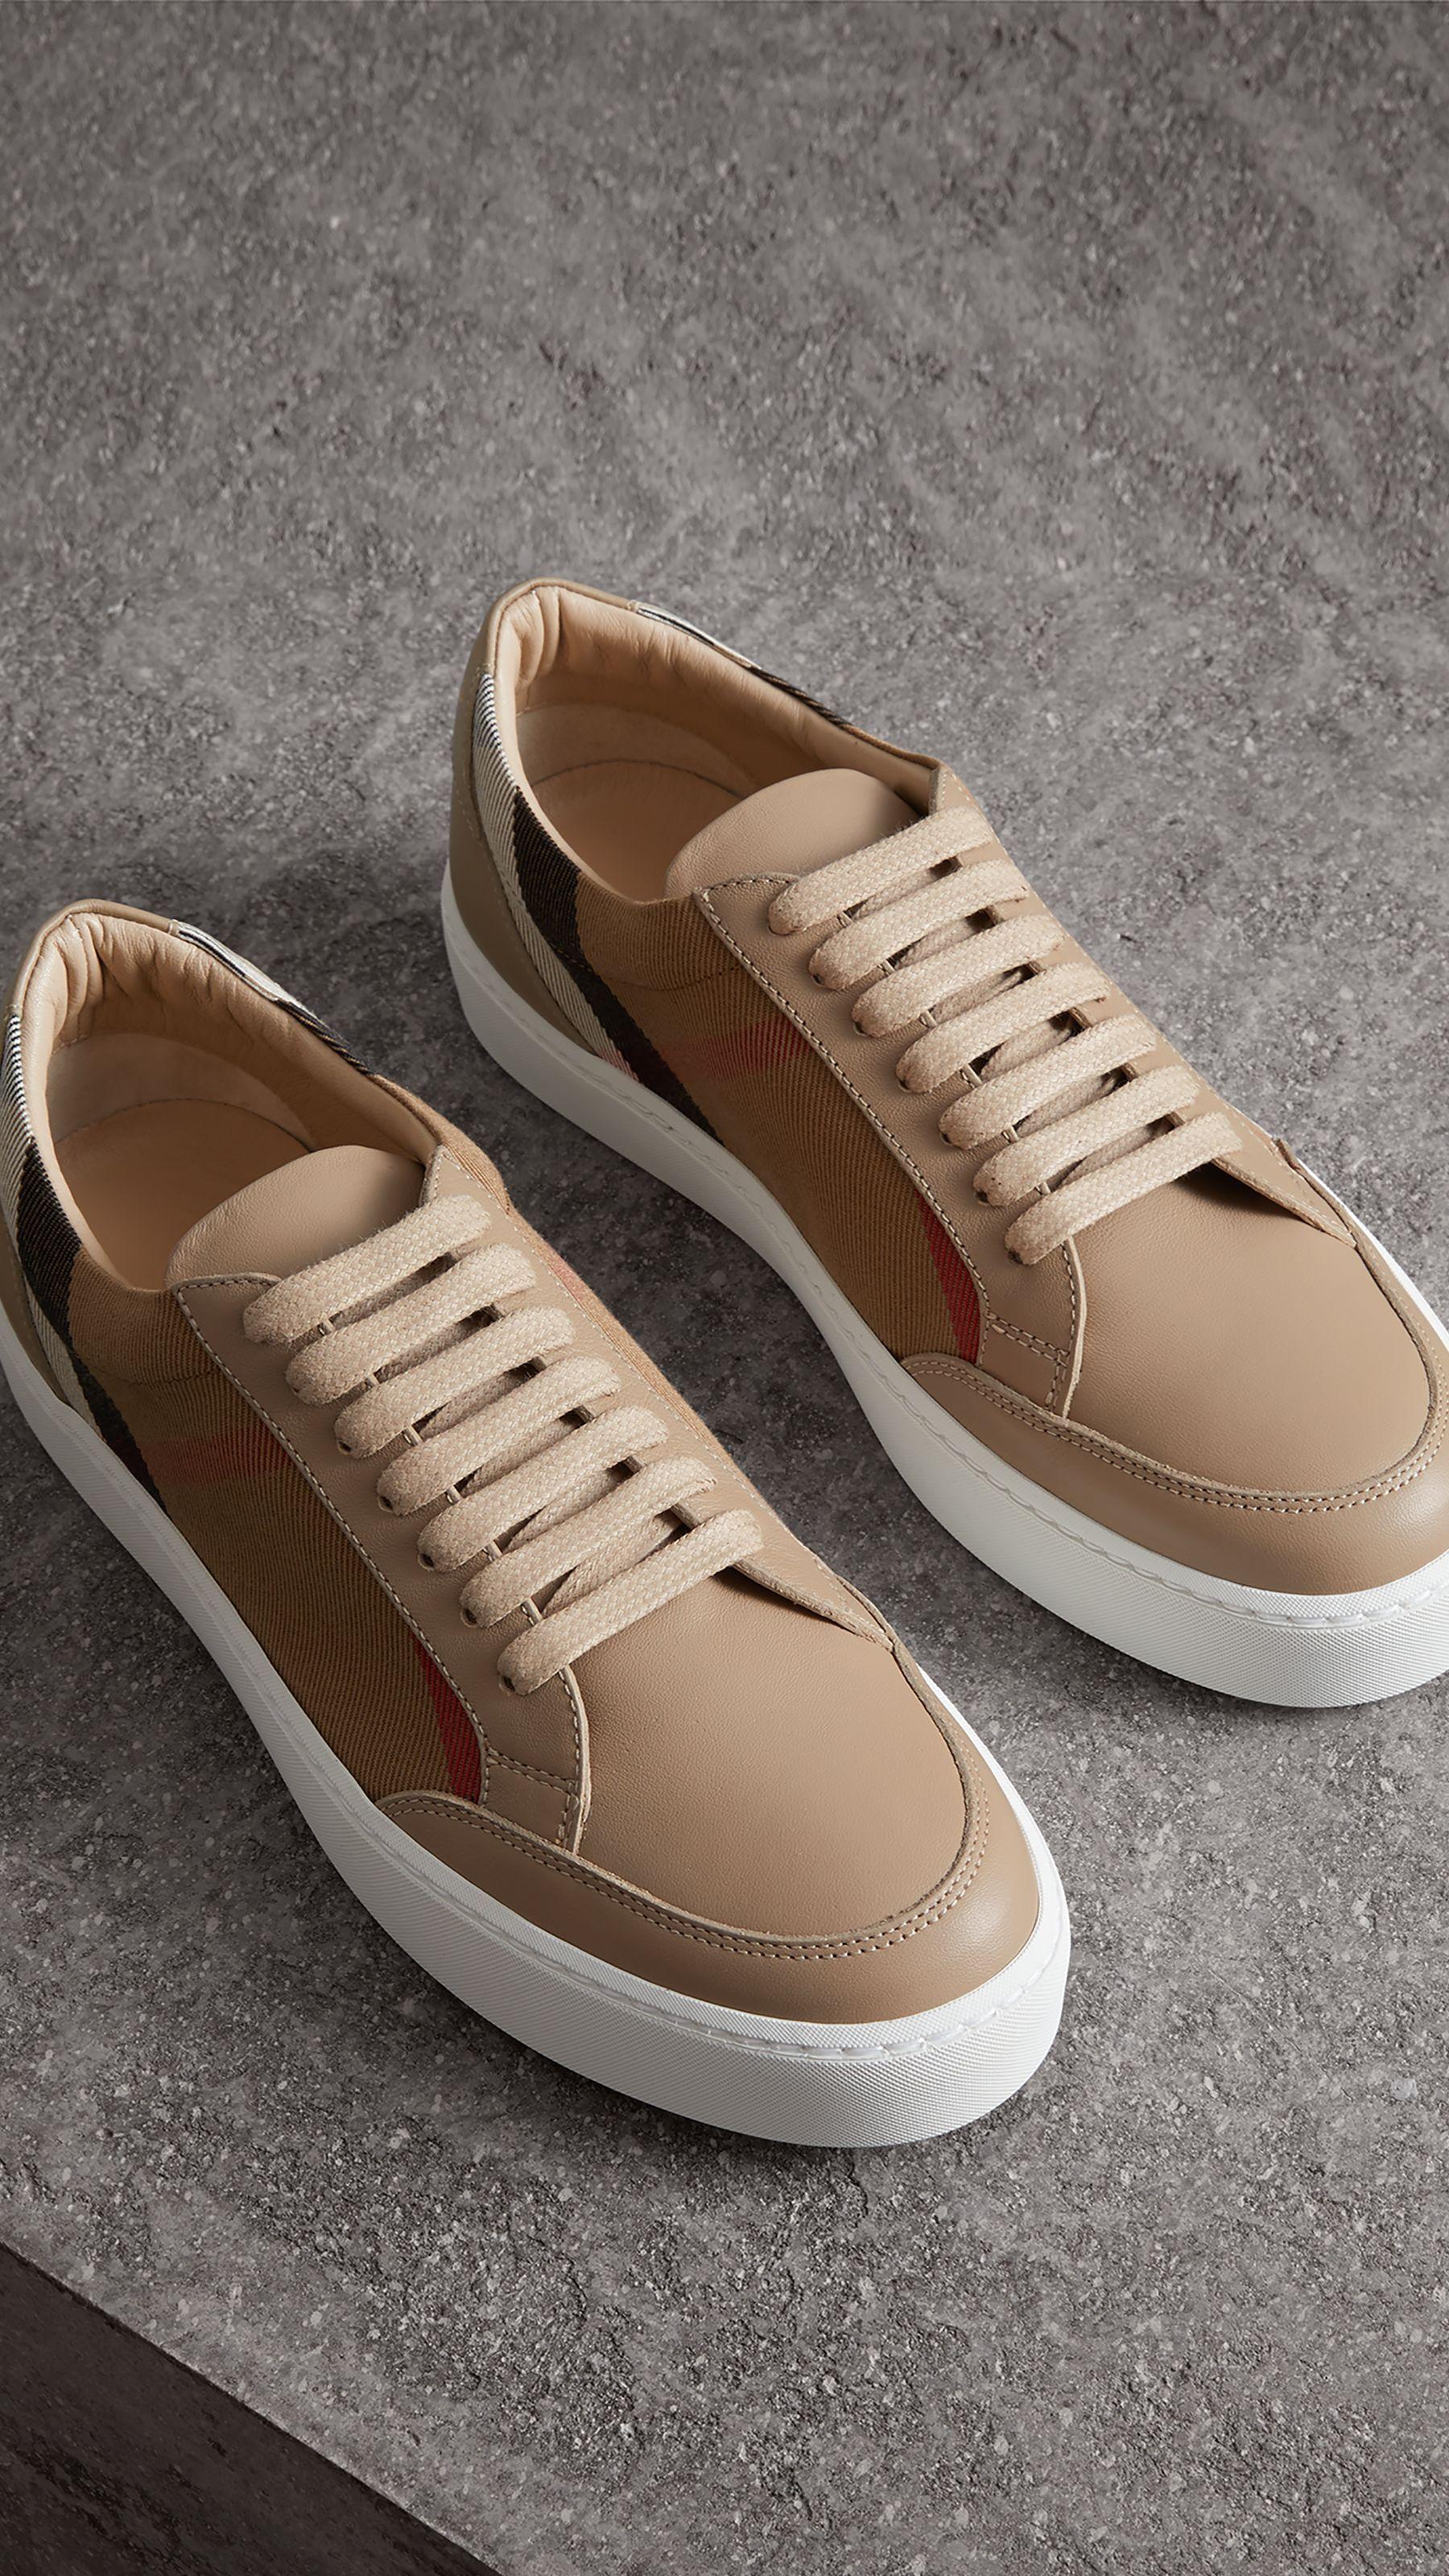 239f3ca76f9 Sneakers en cuir avec détails check (House Check nude) - Femme ...